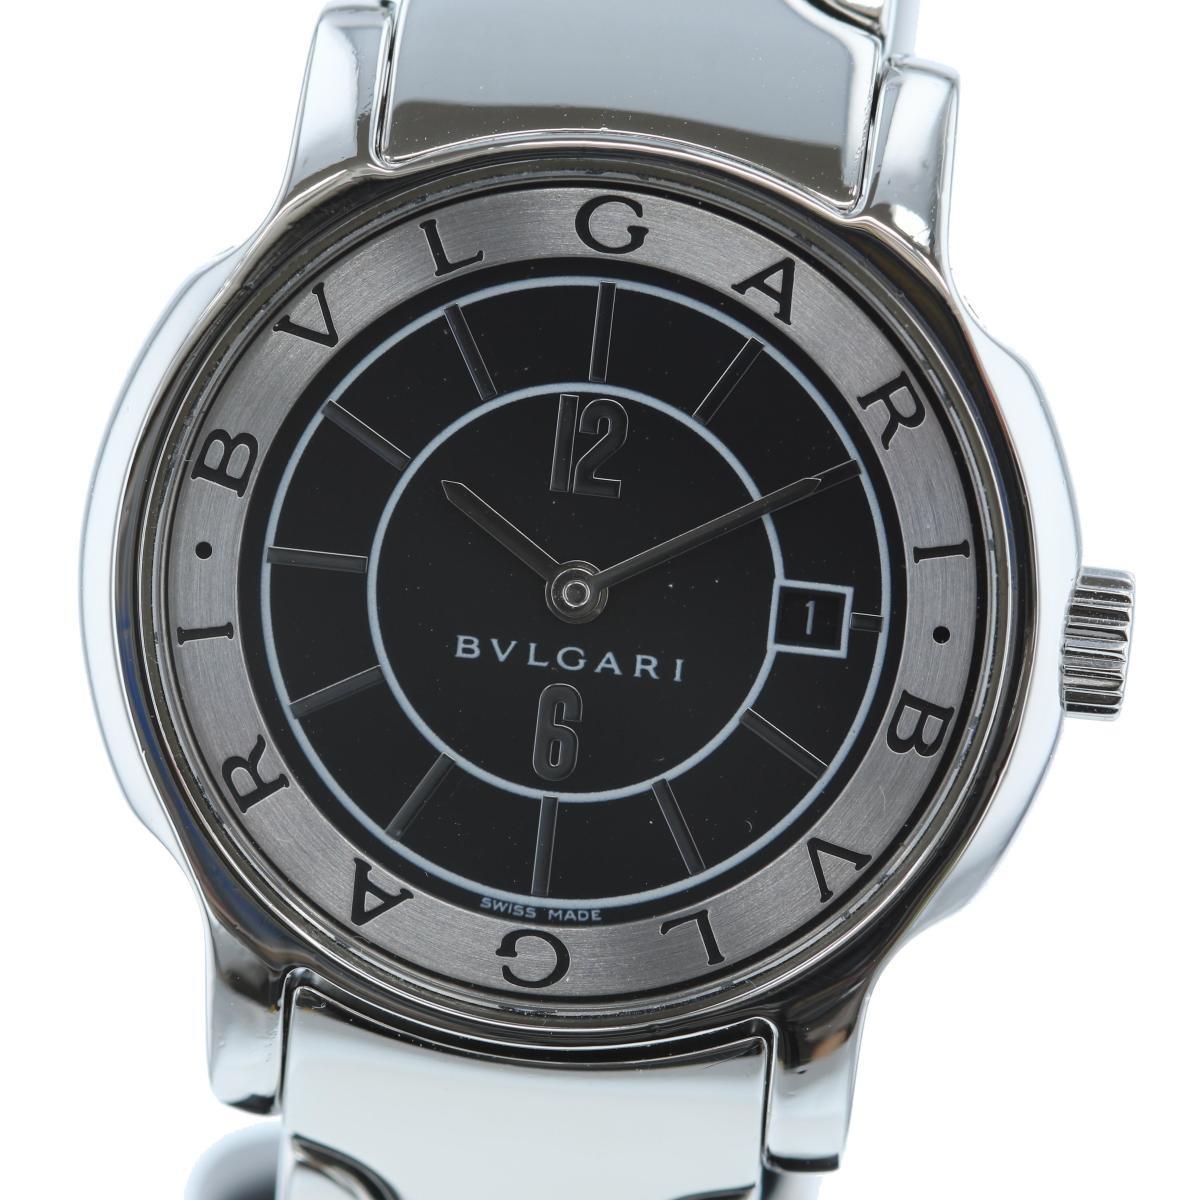 【お値下げ品】【中古】 BVLGARI (ブルガリ) ソロテンポ Black 29� 時計 クオーツ/レディース ソロテンポ Black/ブラック ST29S used:A